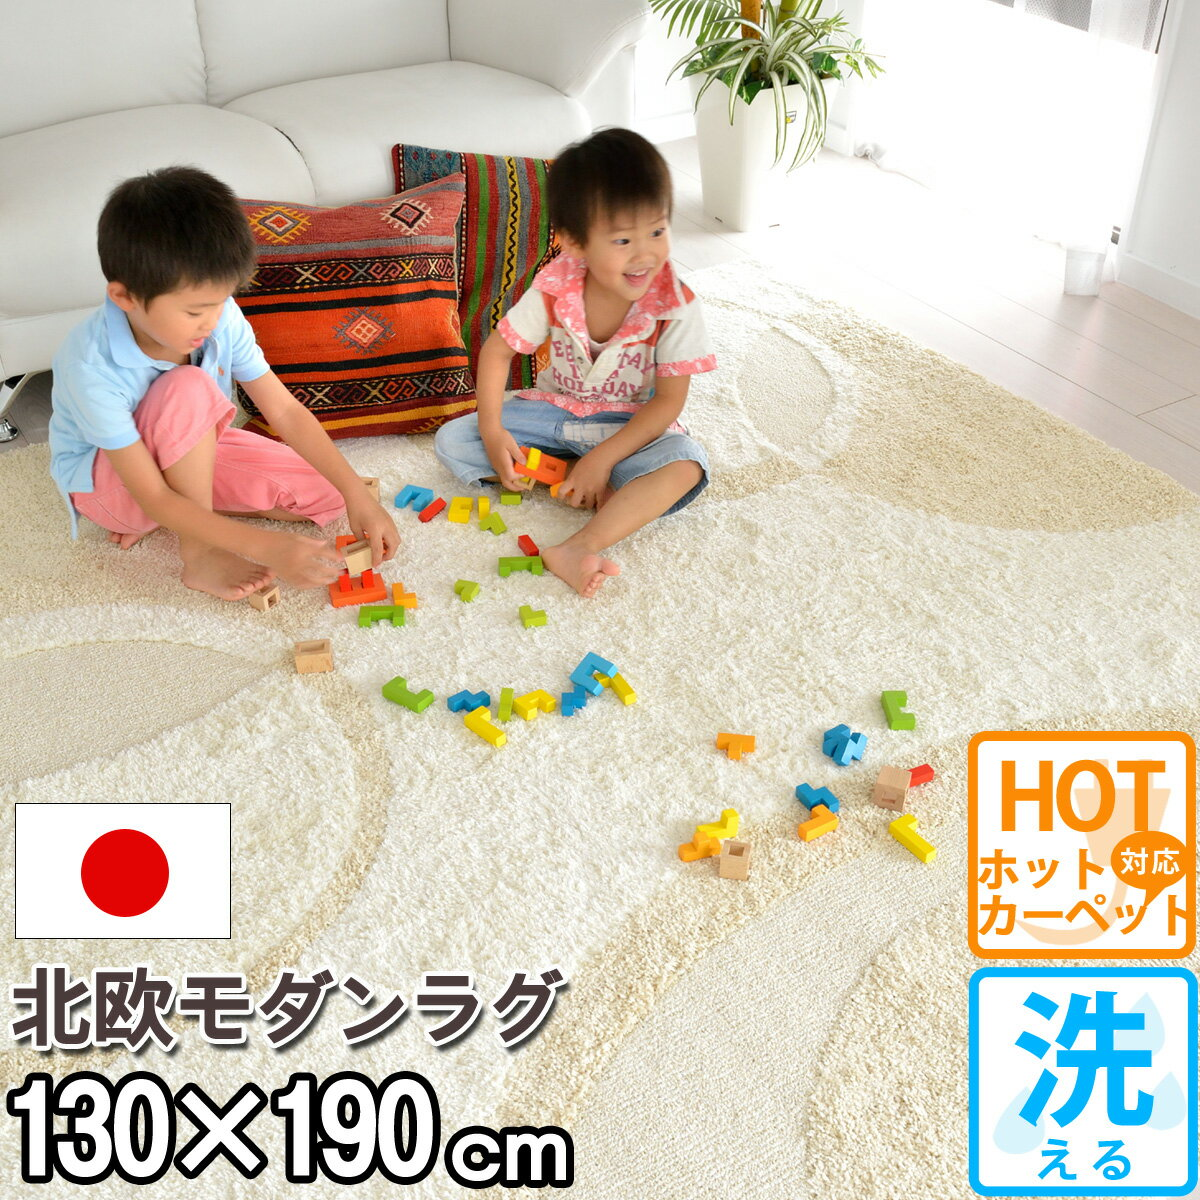 アレルギー対策 カーペット ラグ なかね家具 床暖対応 ミックス 北欧 赤ちゃん 洗える 約1.5畳 秋冬用 日本製 畳の上から フローリング ホットカバー対応 和室 じゅうたん おしゃれ マット 安い ホワイト 白 モダン サークル 防ダニ 絨毯 抗菌 130×190 アイボリー ビジャウ(R-0111900)